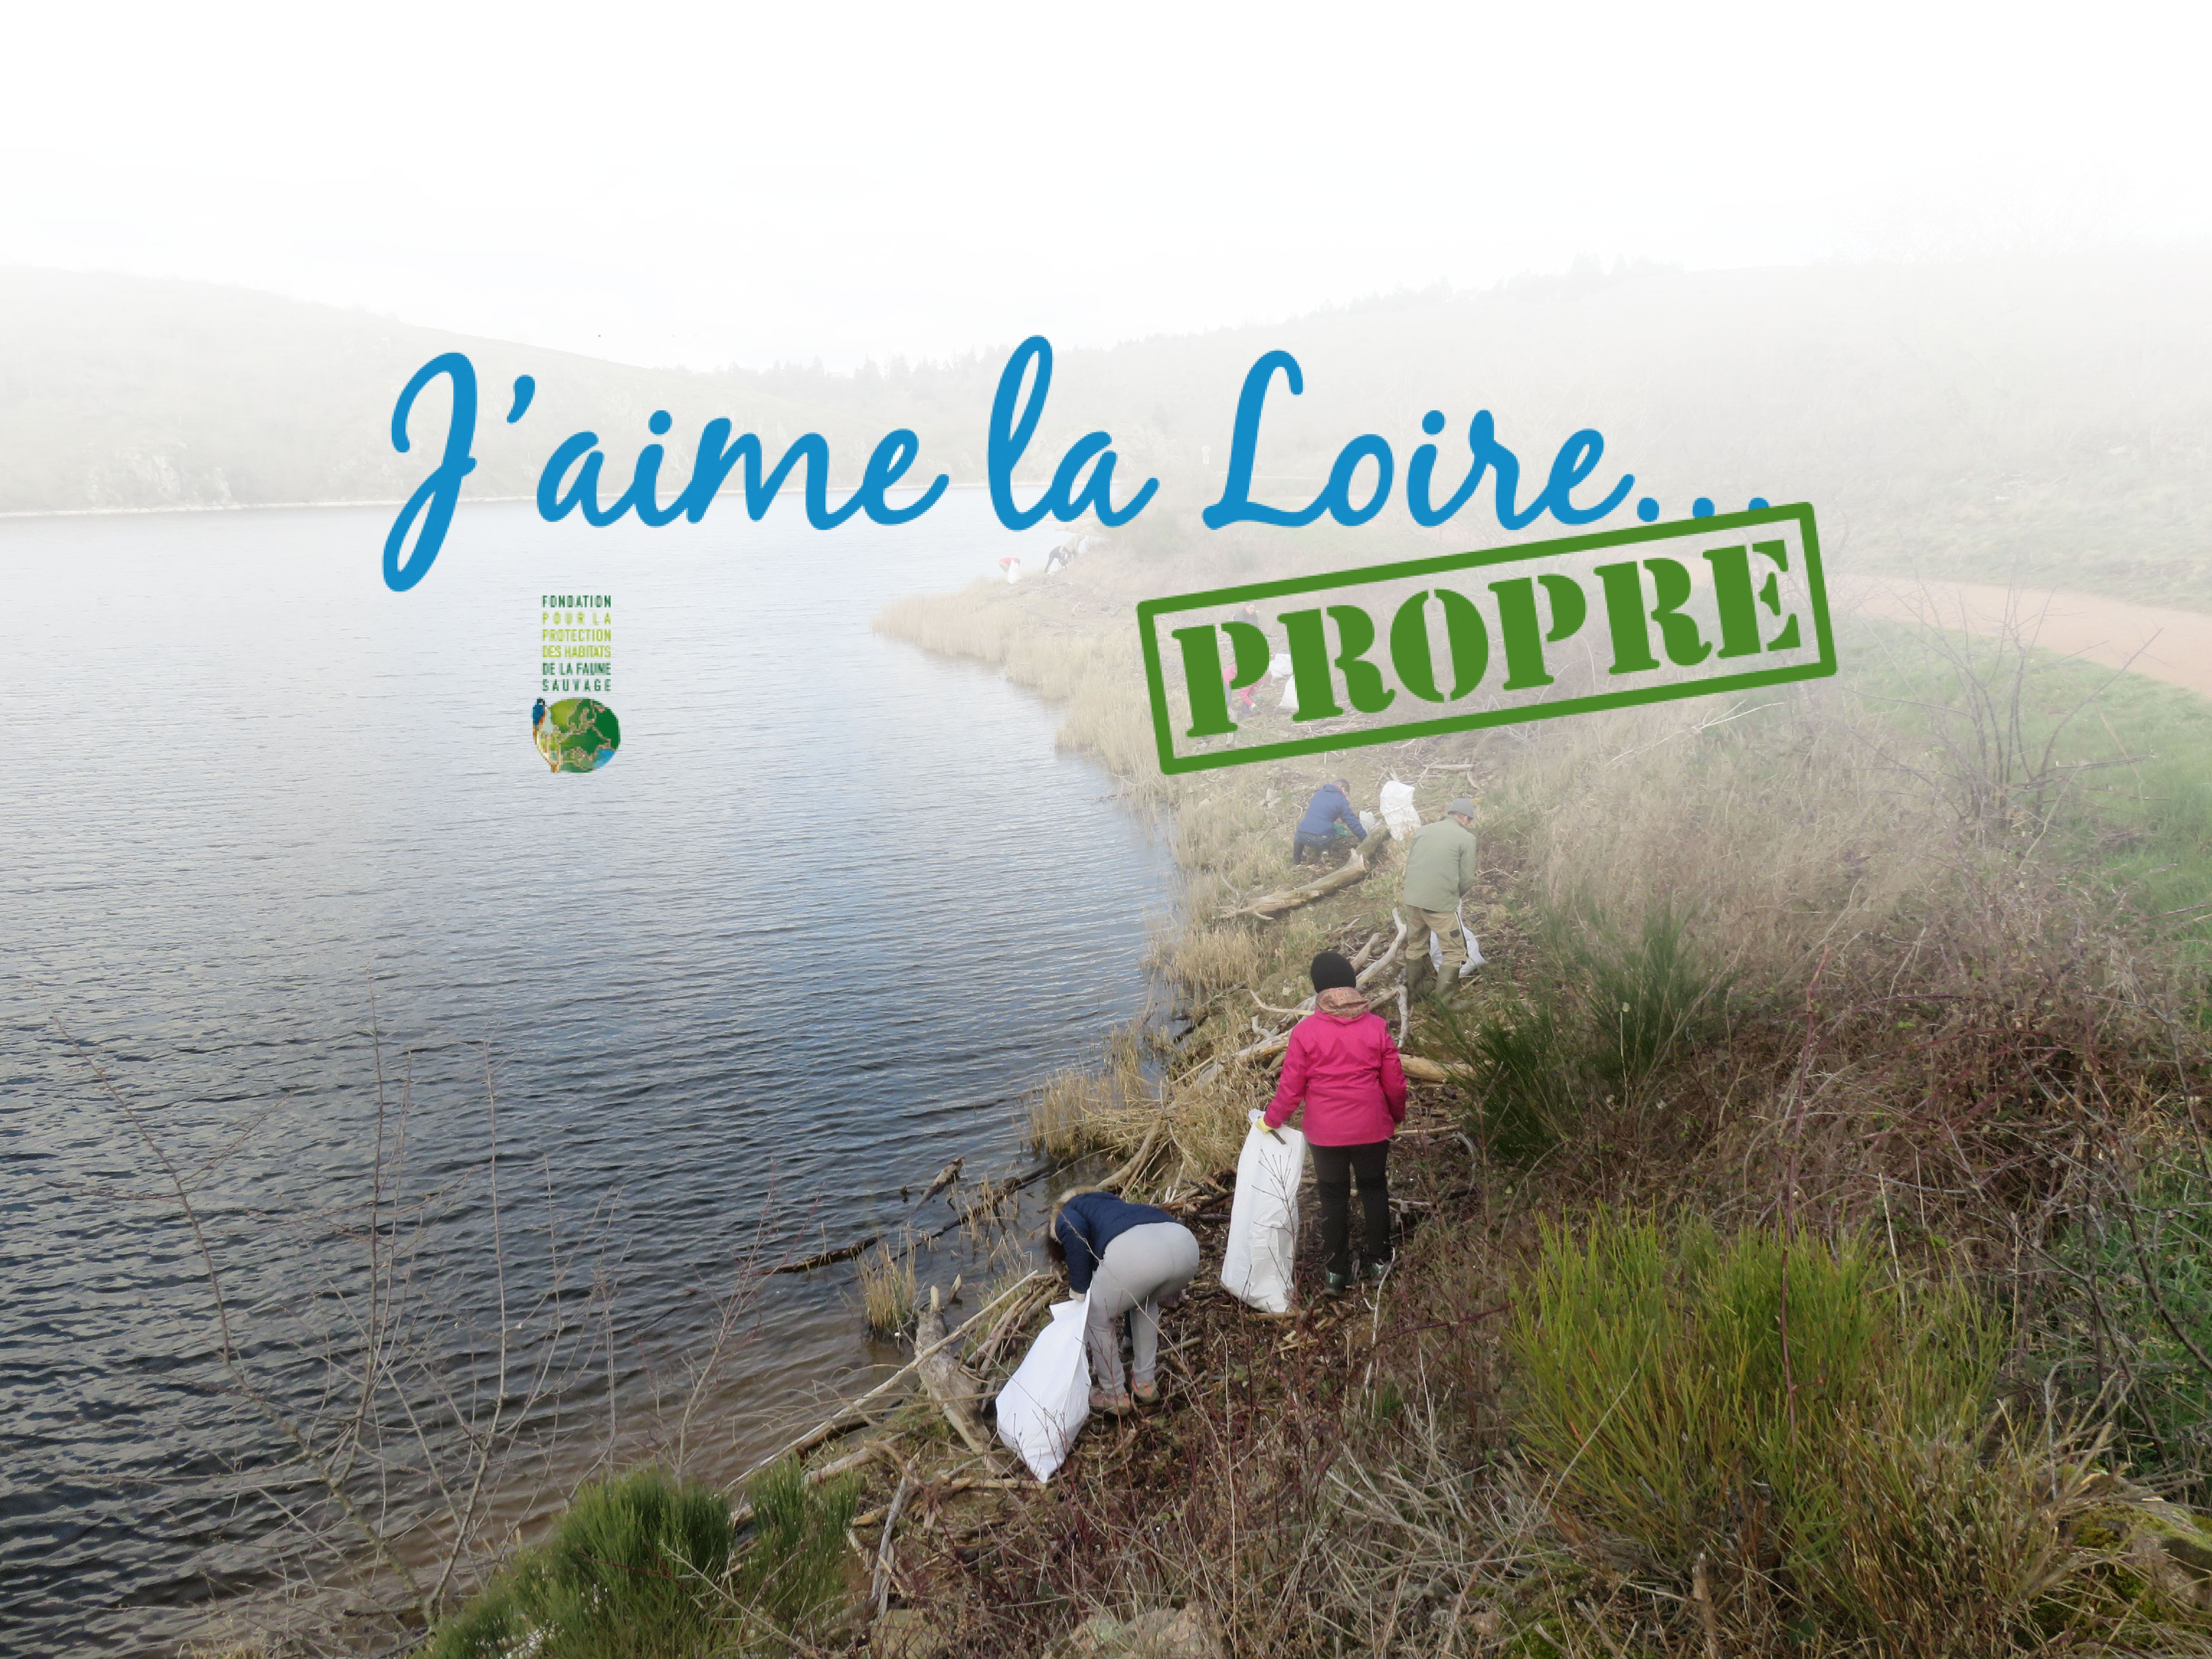 J'aime la Loire propre !